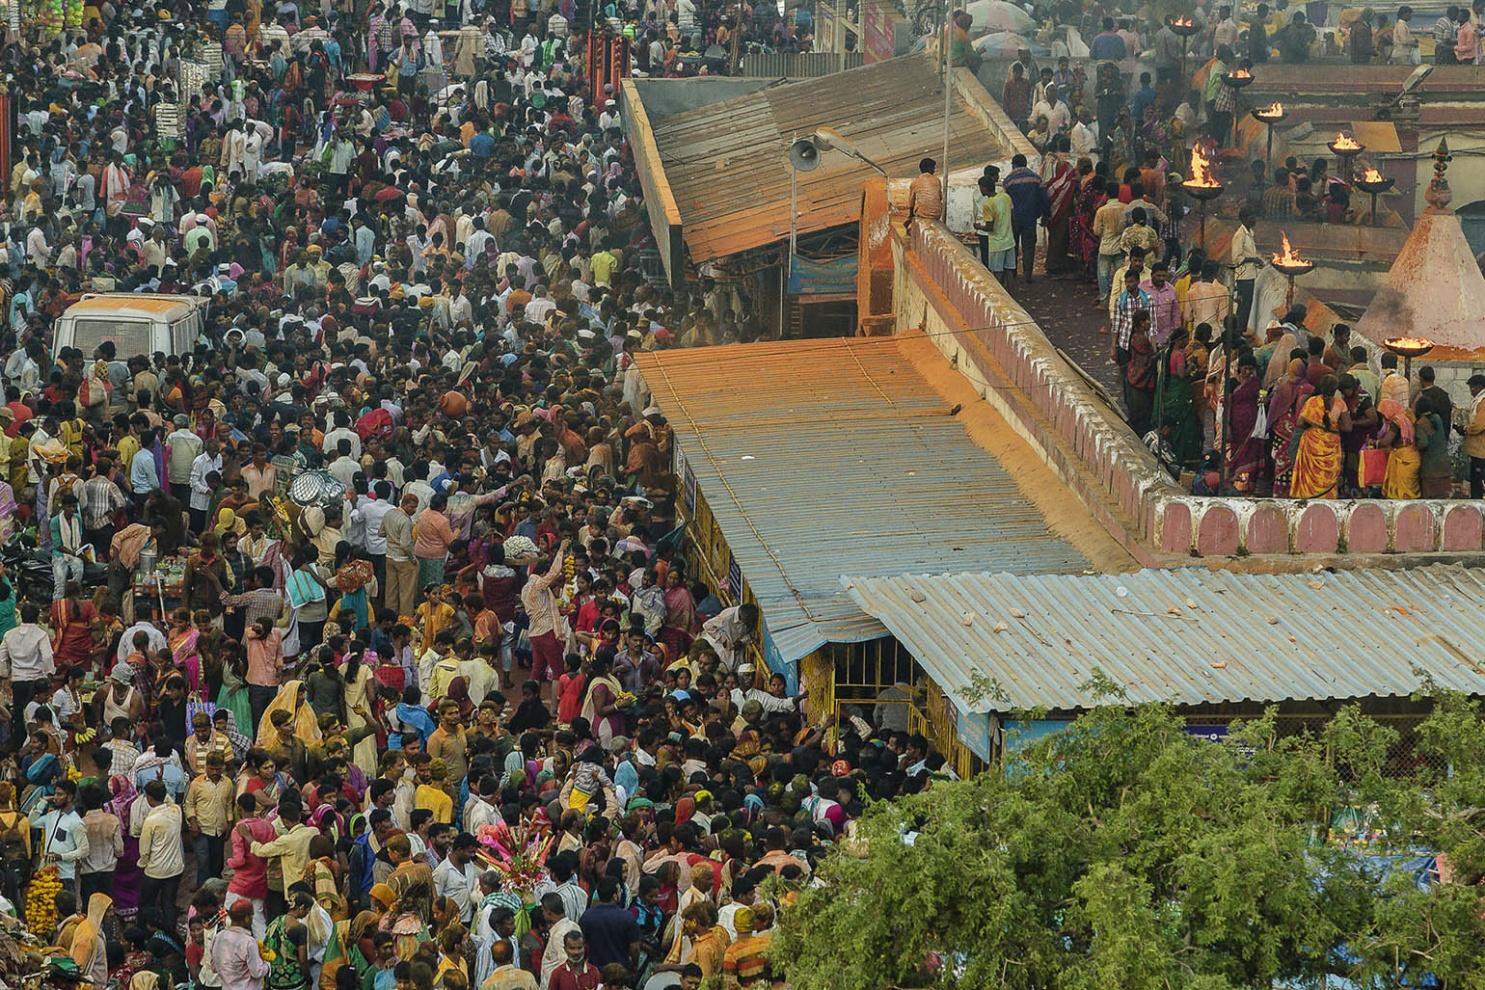 Nella notte del primo giorno di luna piena del mese Hindu di Margasira giorno noto come Bharat Hunnime 100.000 pellegrini celebrano il Renuka Yellamma Jatra On the night of the first full moon day of the Hindu month of Margasira day known as Bharat Hunnime 100,000 pilgrims celebrate the Renuka Yellamma Jatra